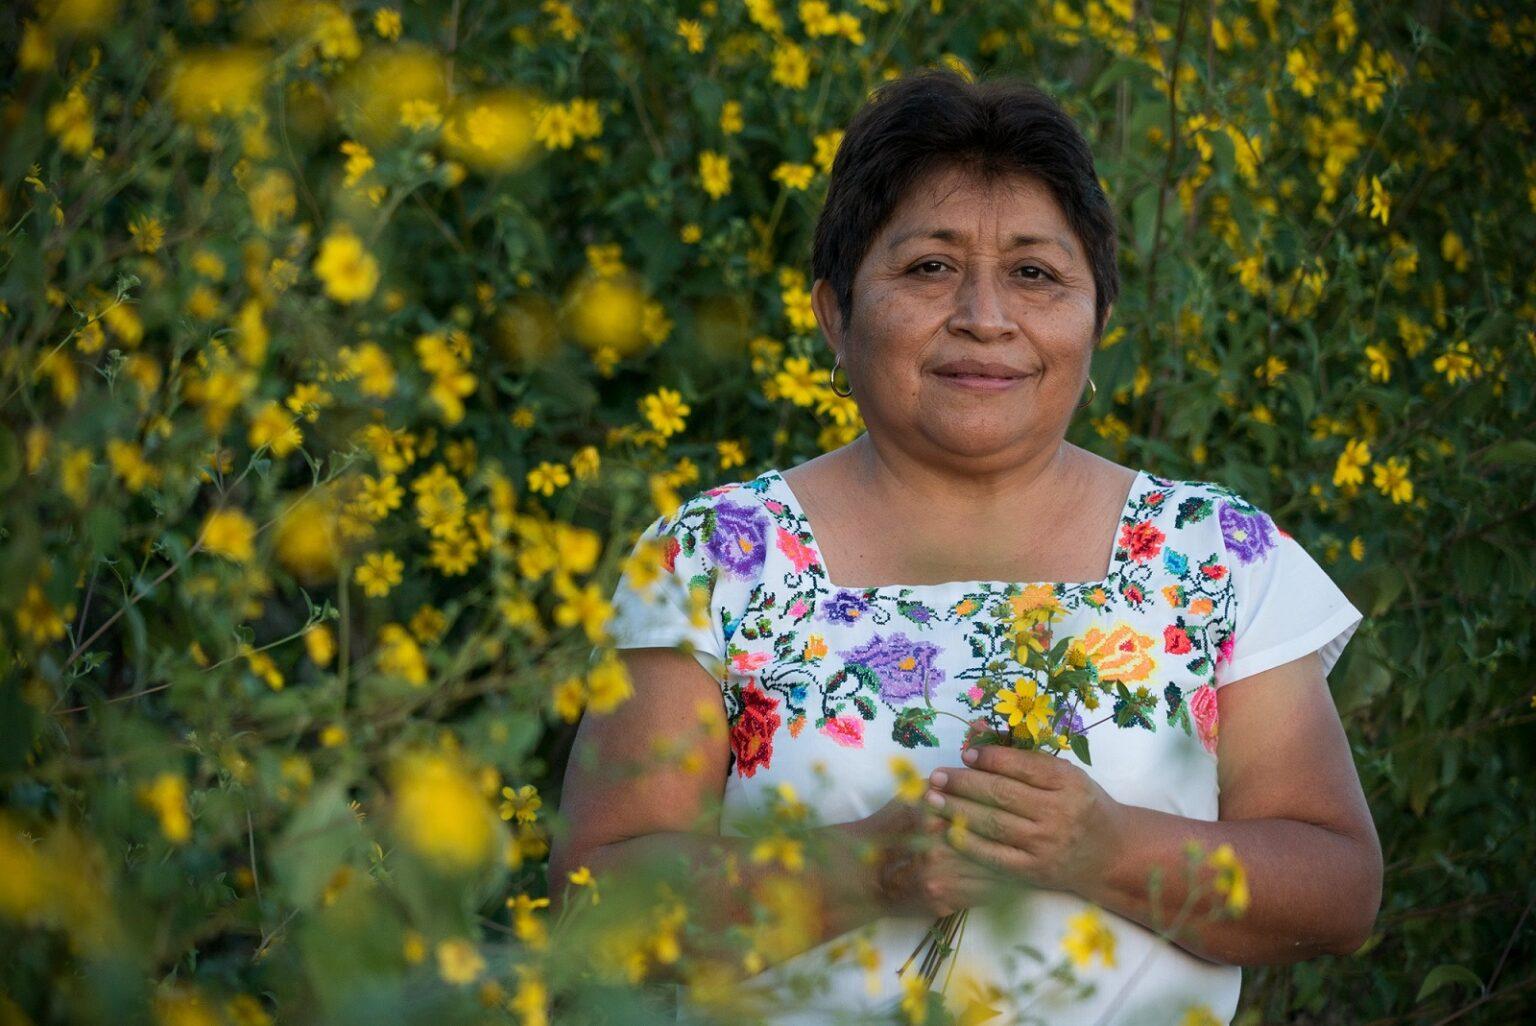 Leydy Pech, defensora maya de las abejas, ganó el premio medioambiental Goldman